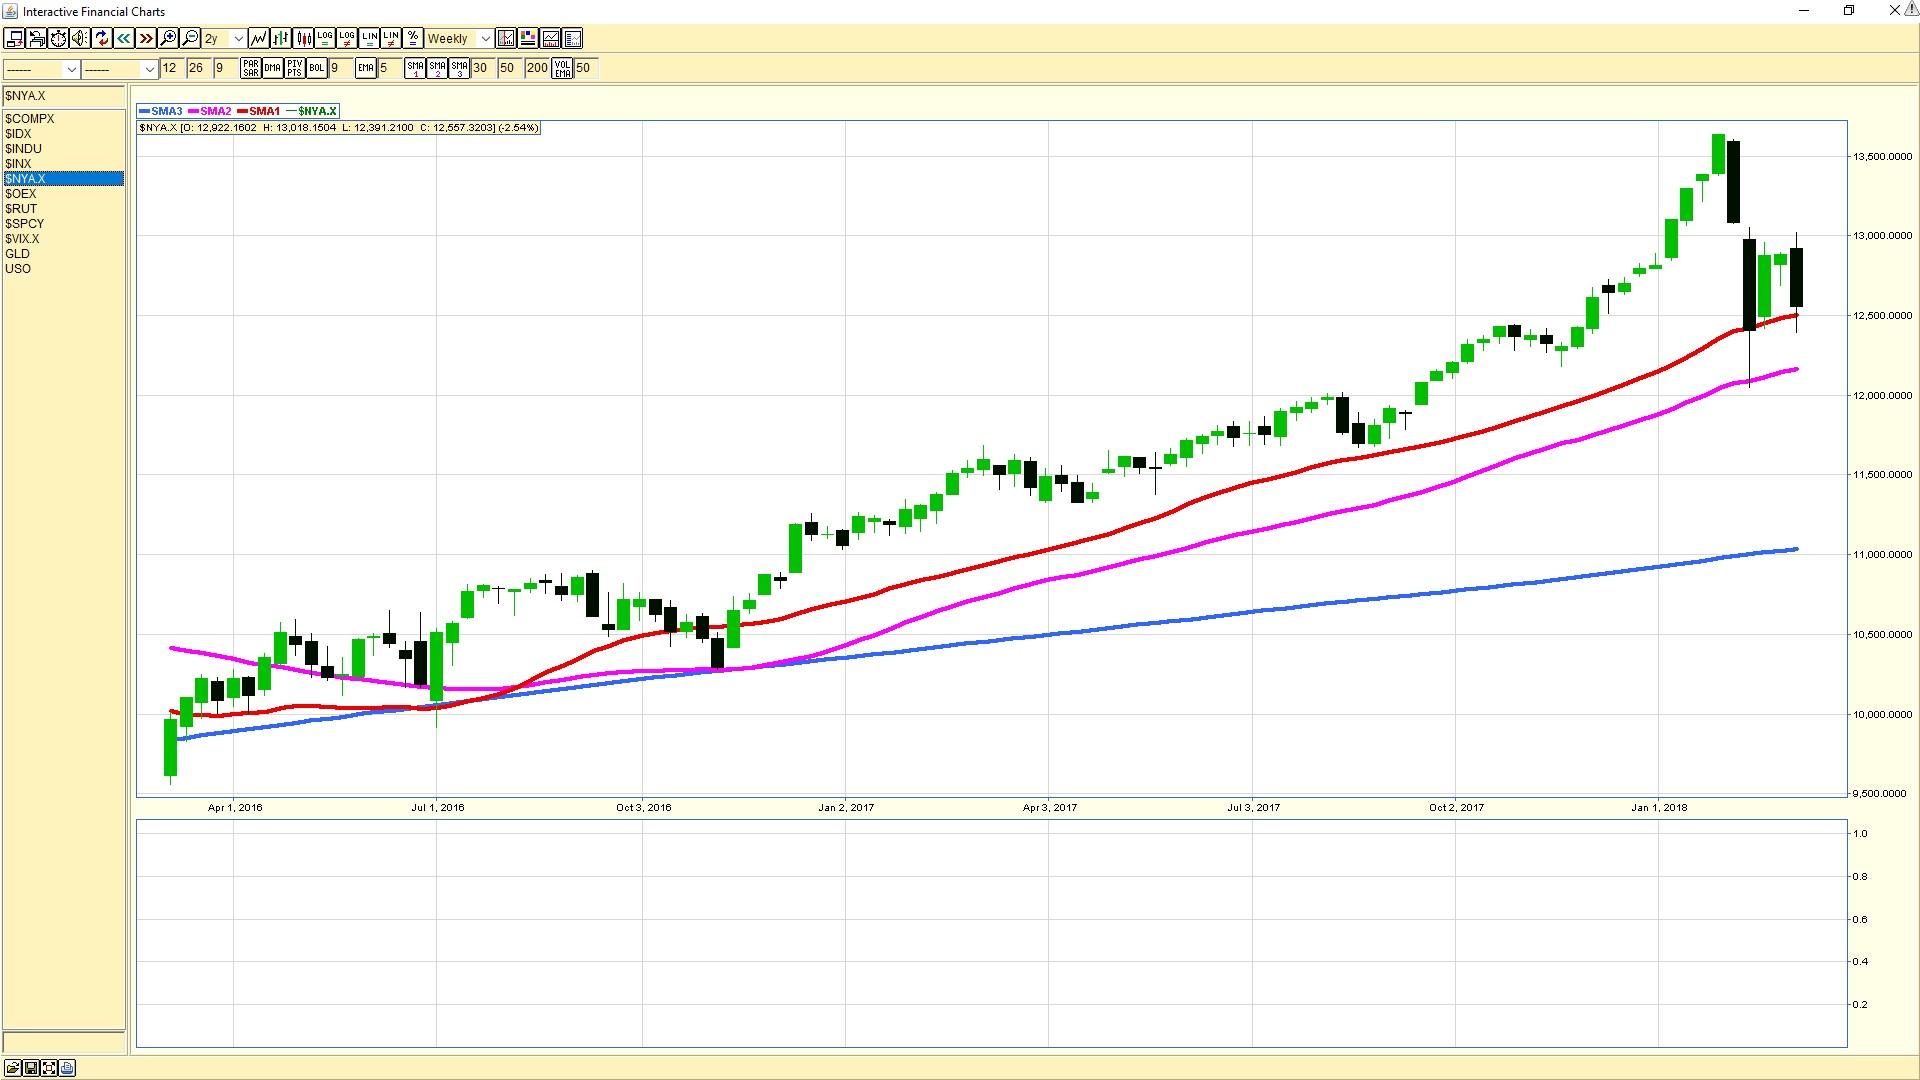 New York Stock Exchange weekly chart